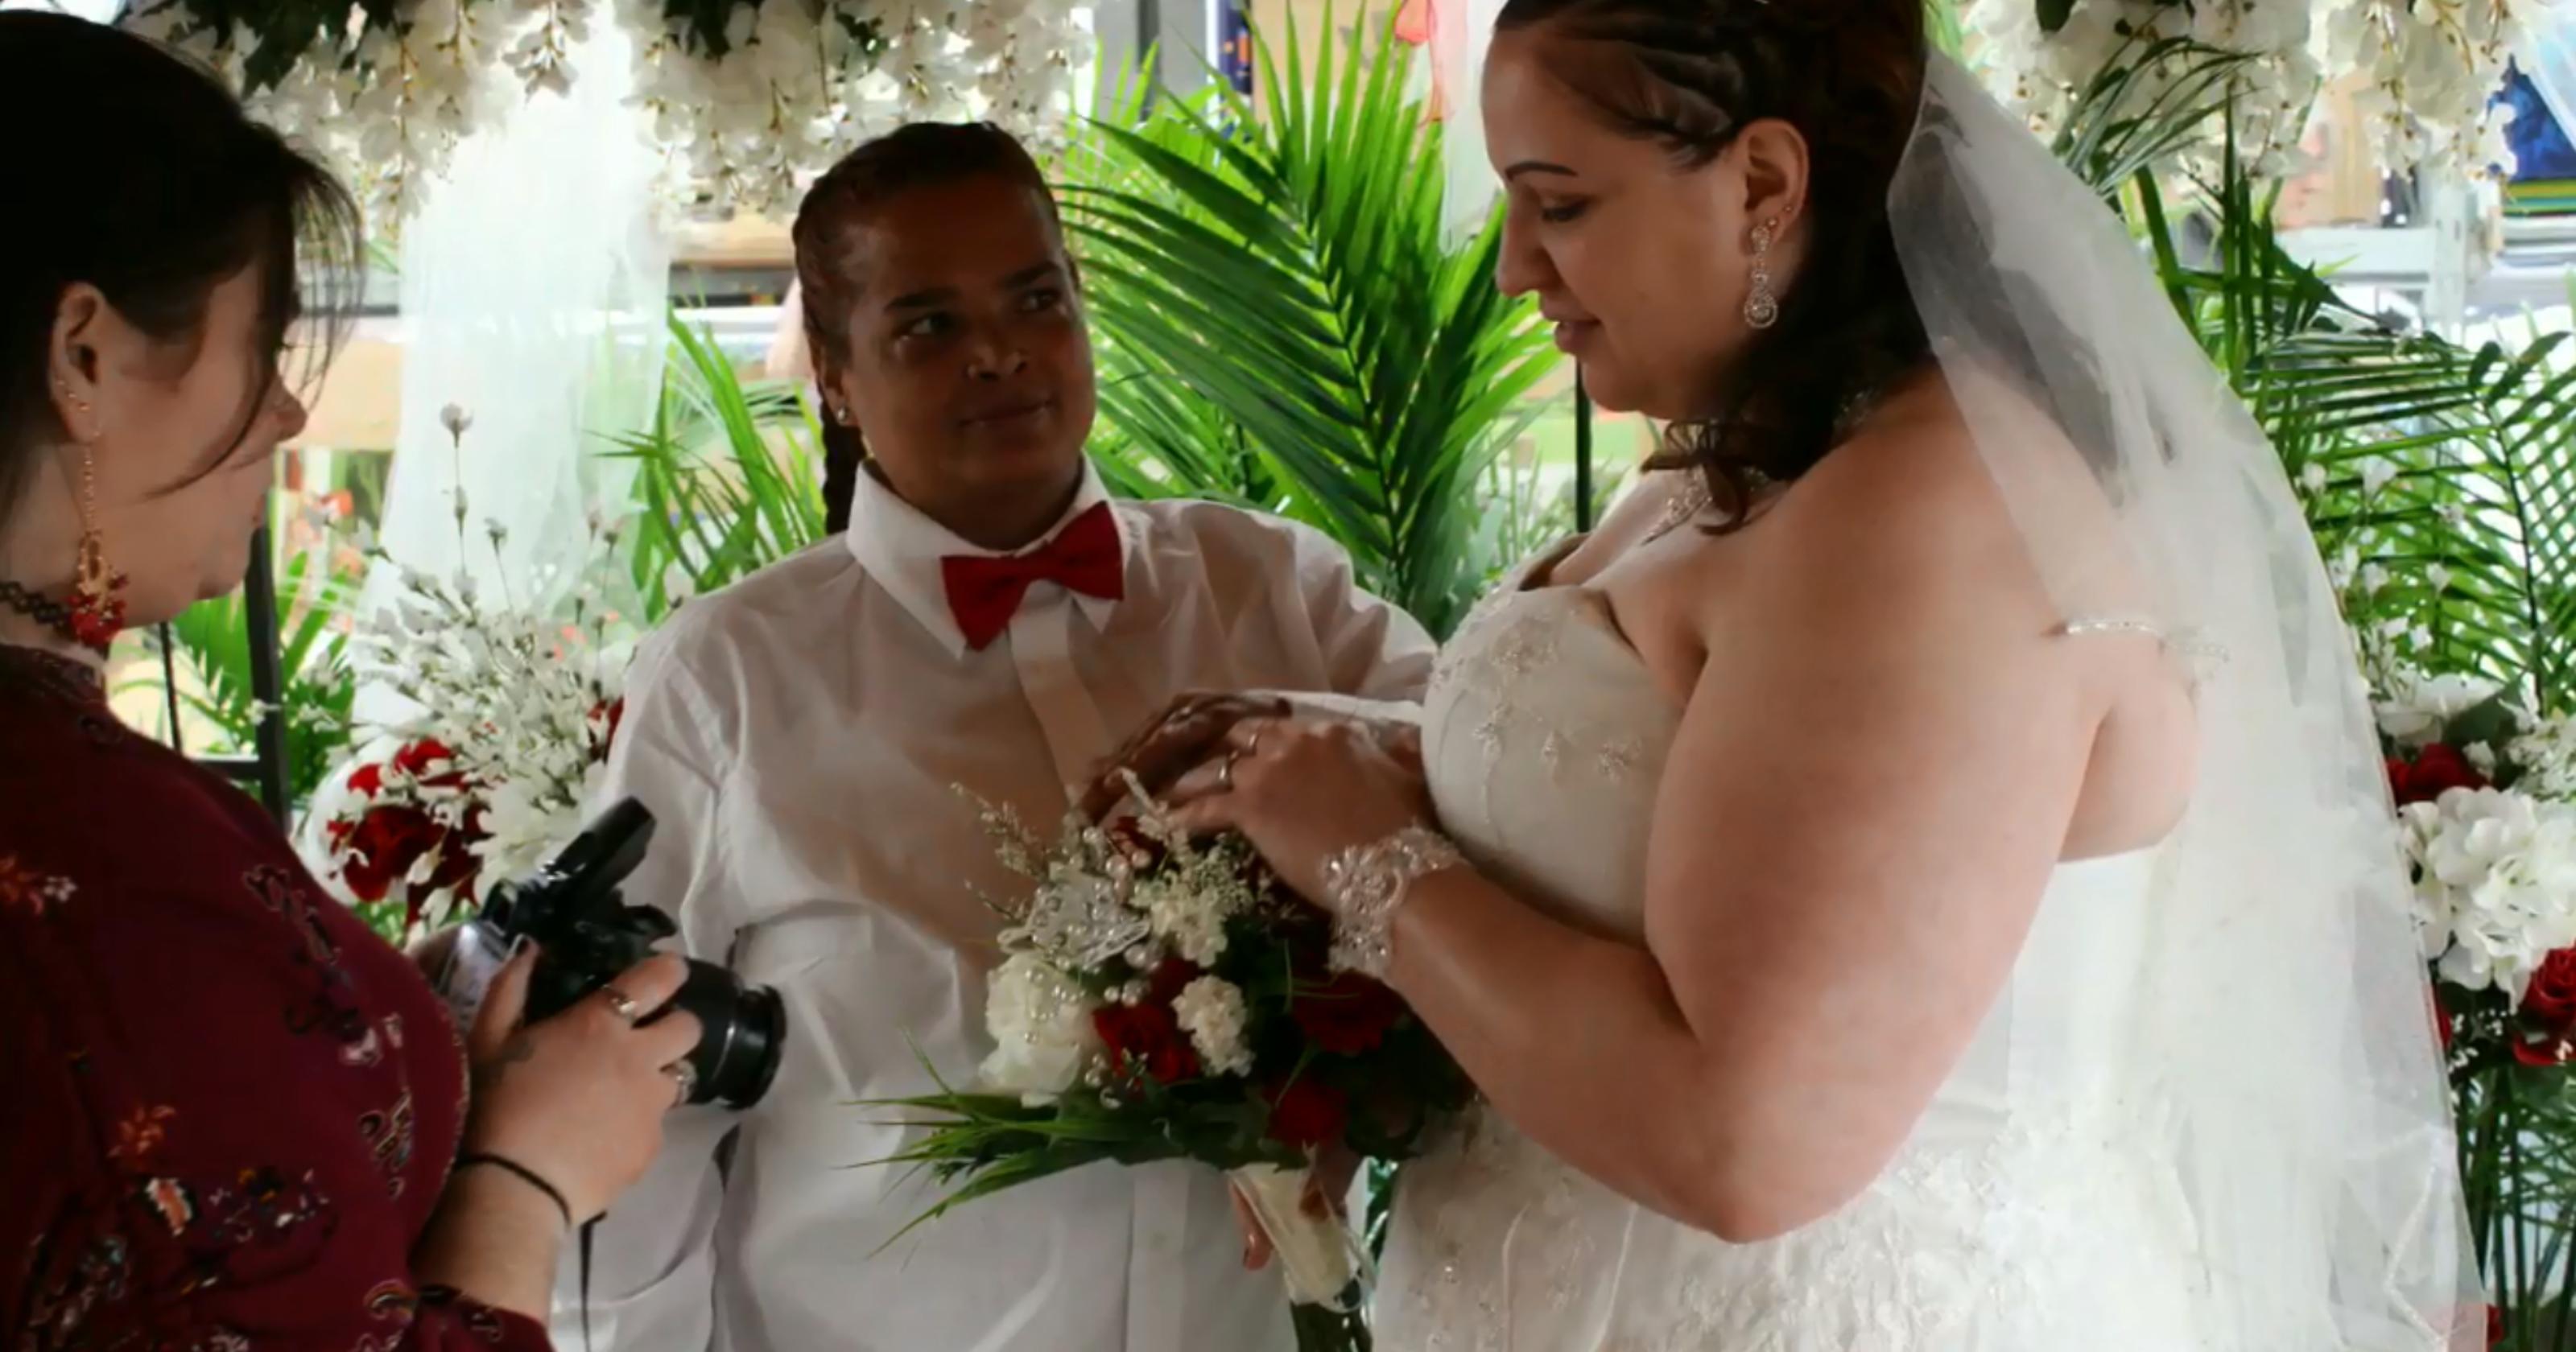 Lezbiyen Çift Ünlü Bir Mağazanın Bahçe Bölümünde Evlendi